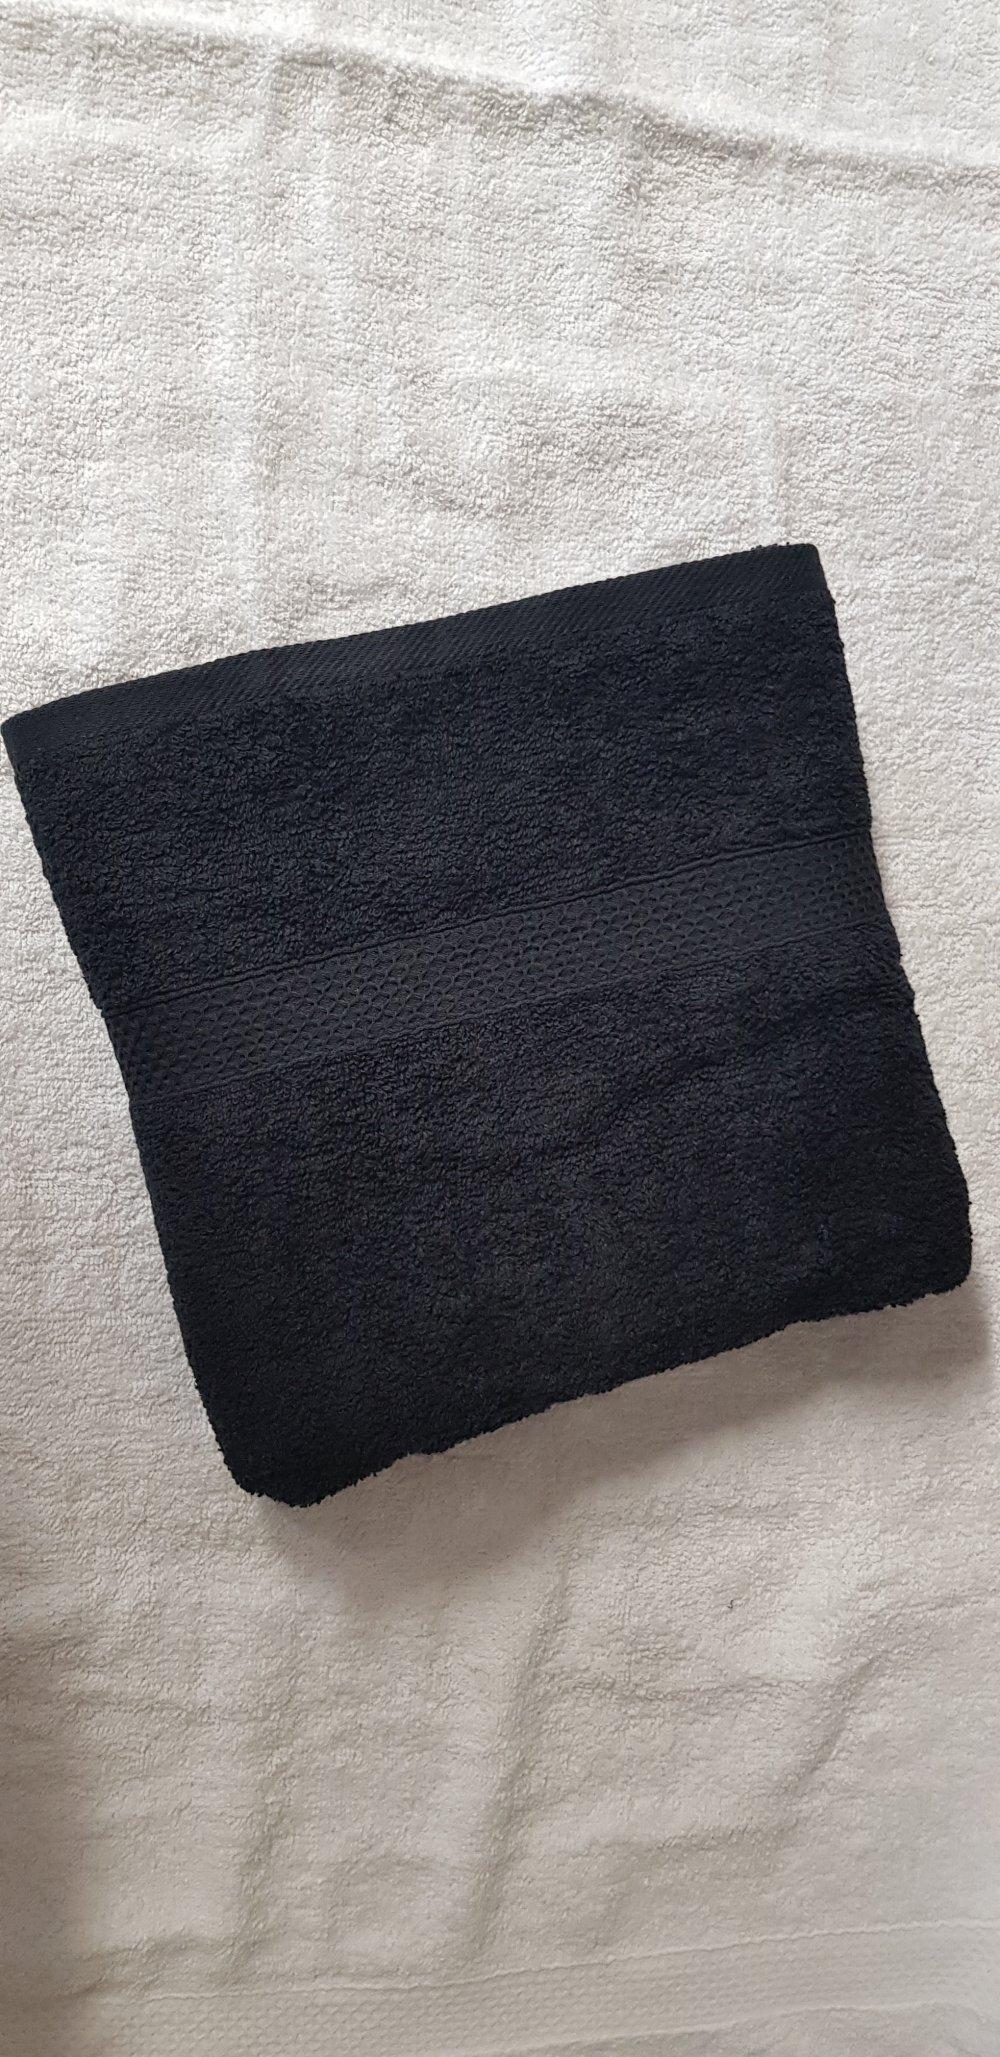 Petite serviette noir personnalisable